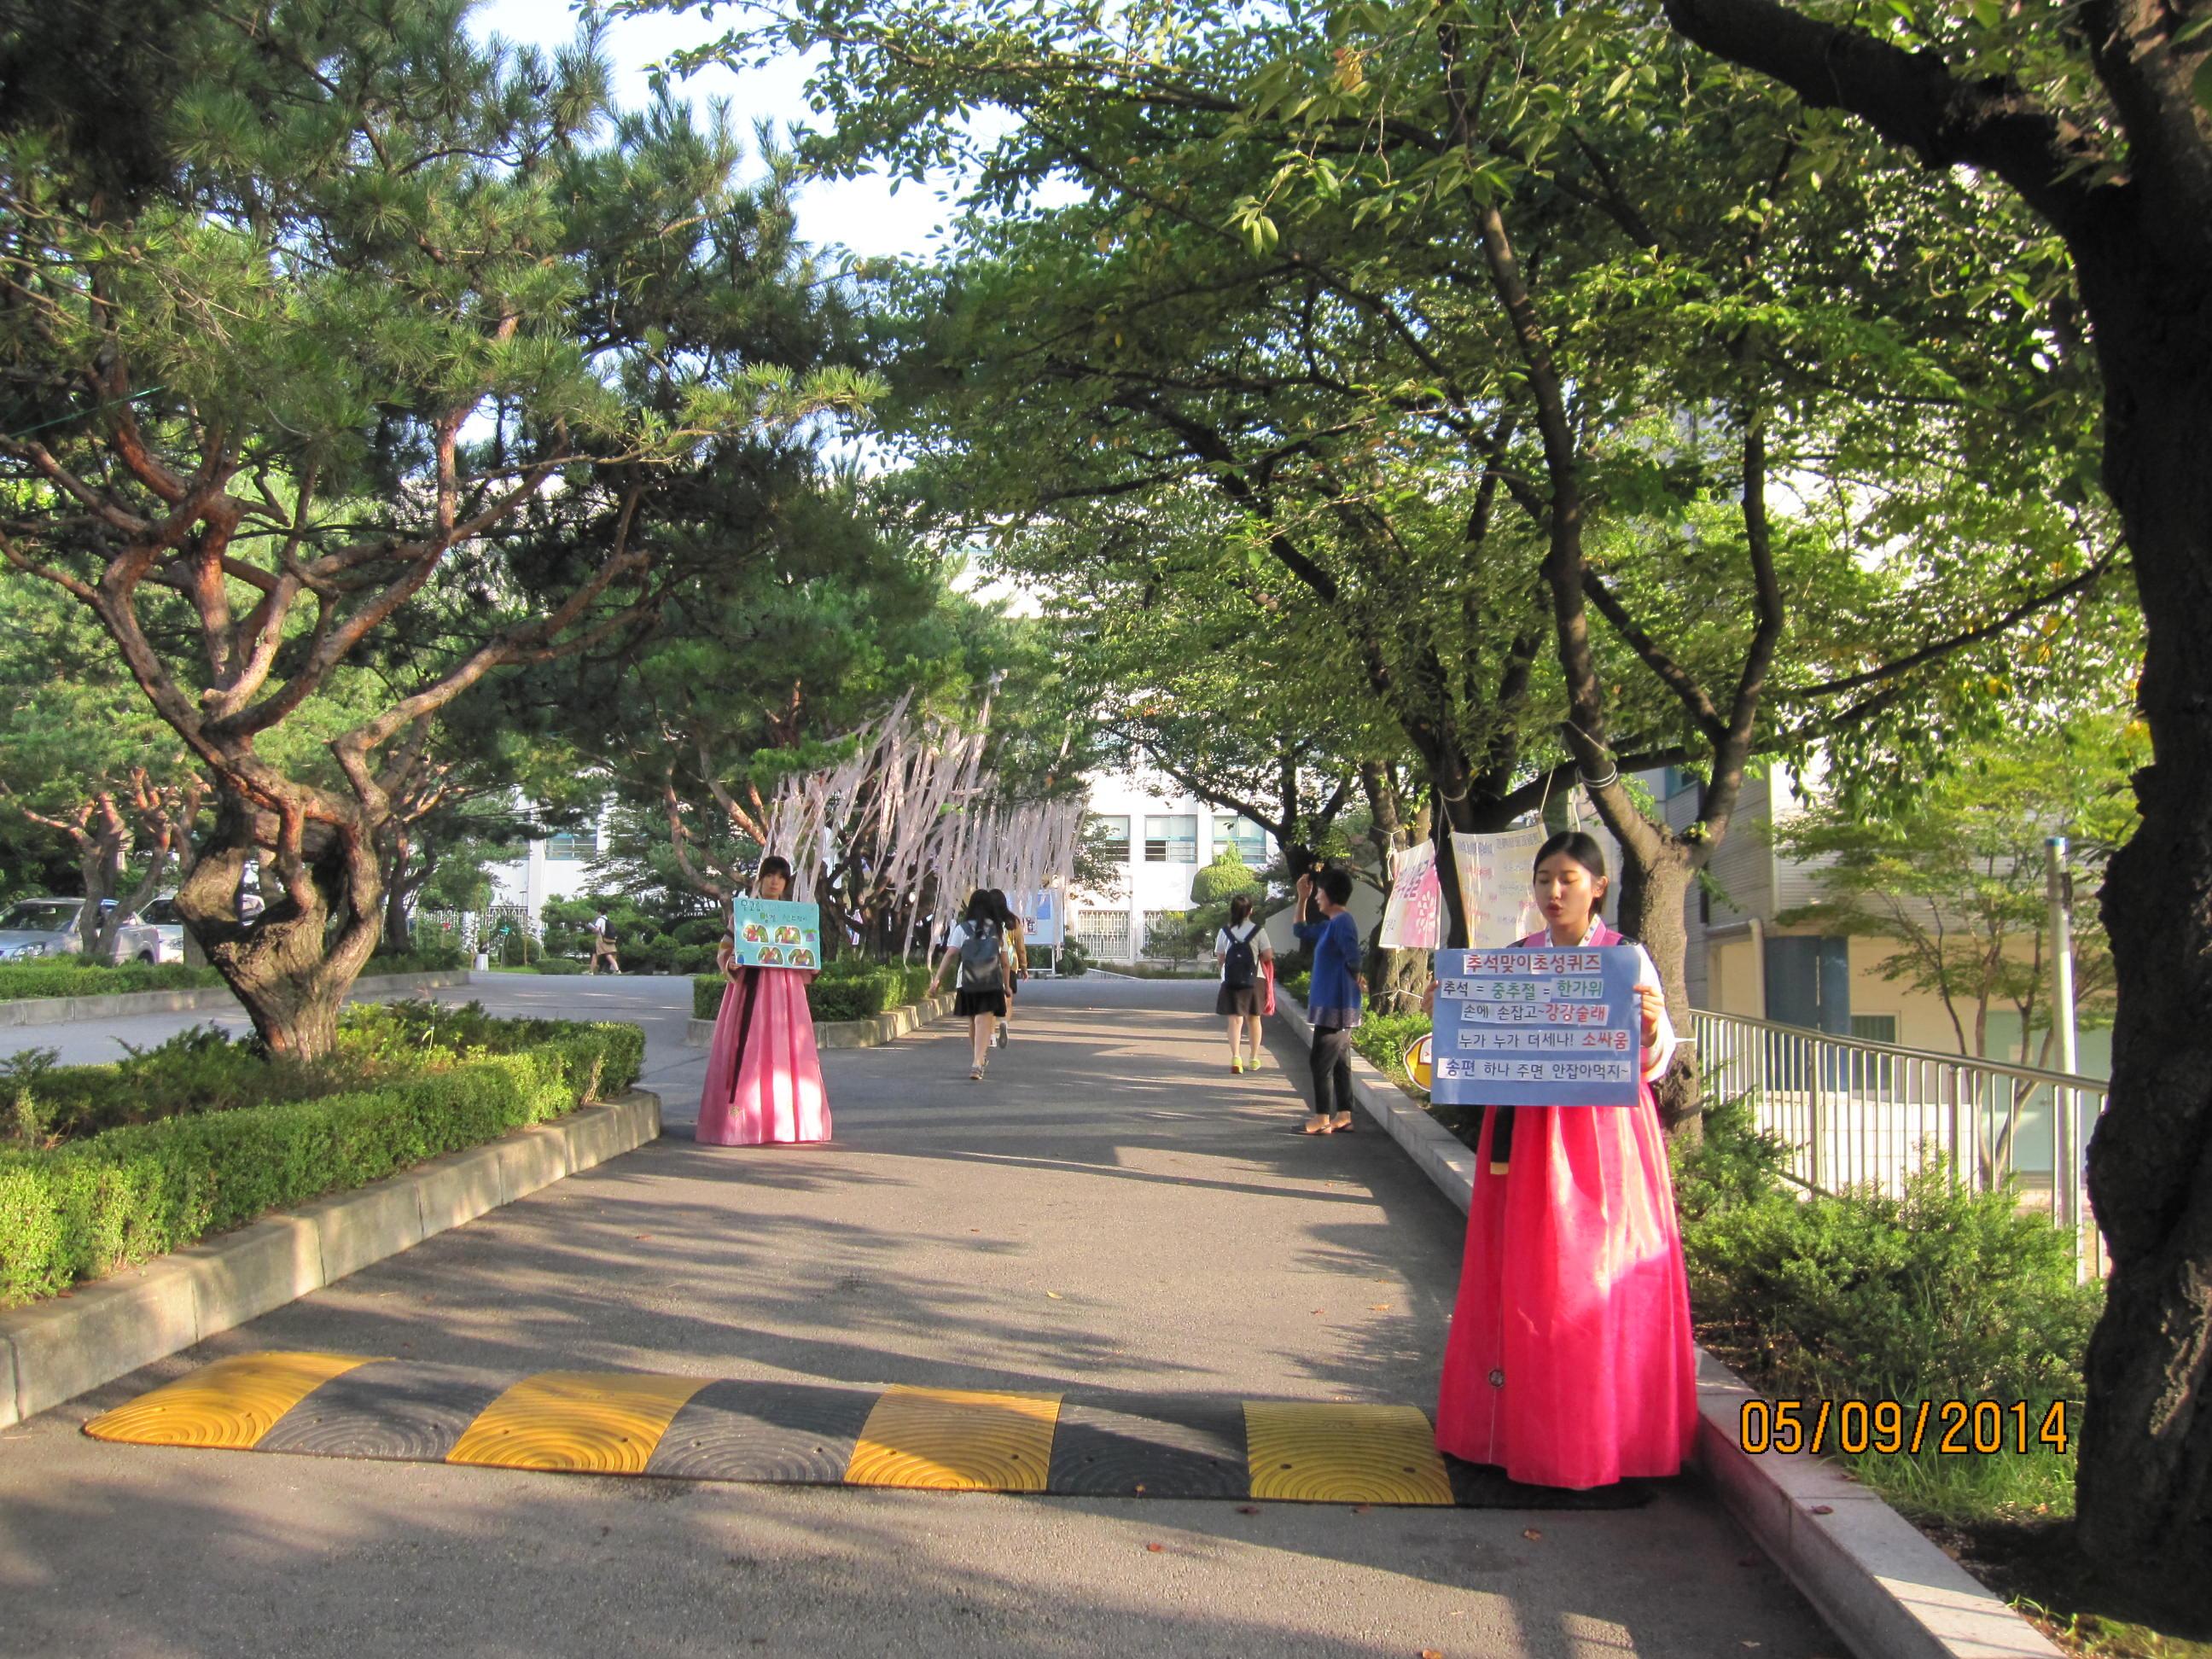 고름 매는 법과 추석 전래 행사 홍보